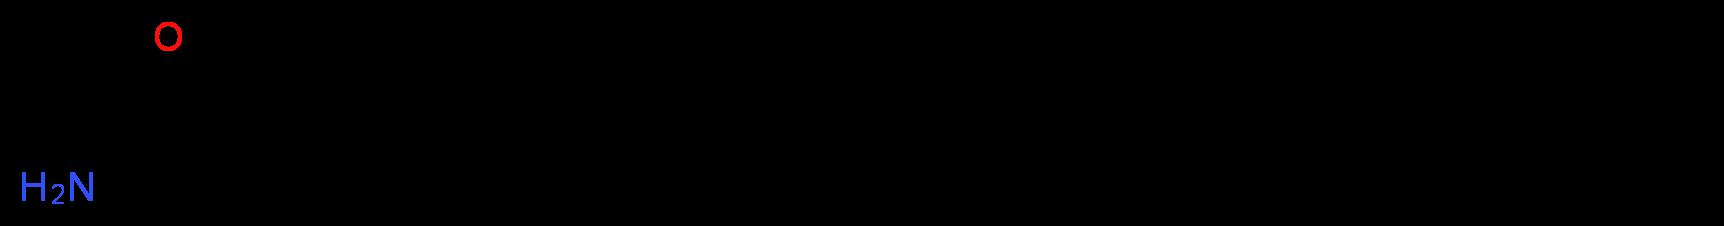 301-02-0 OLEAMIDE Wikipedia org Oleylamide 9-Octadecenamide